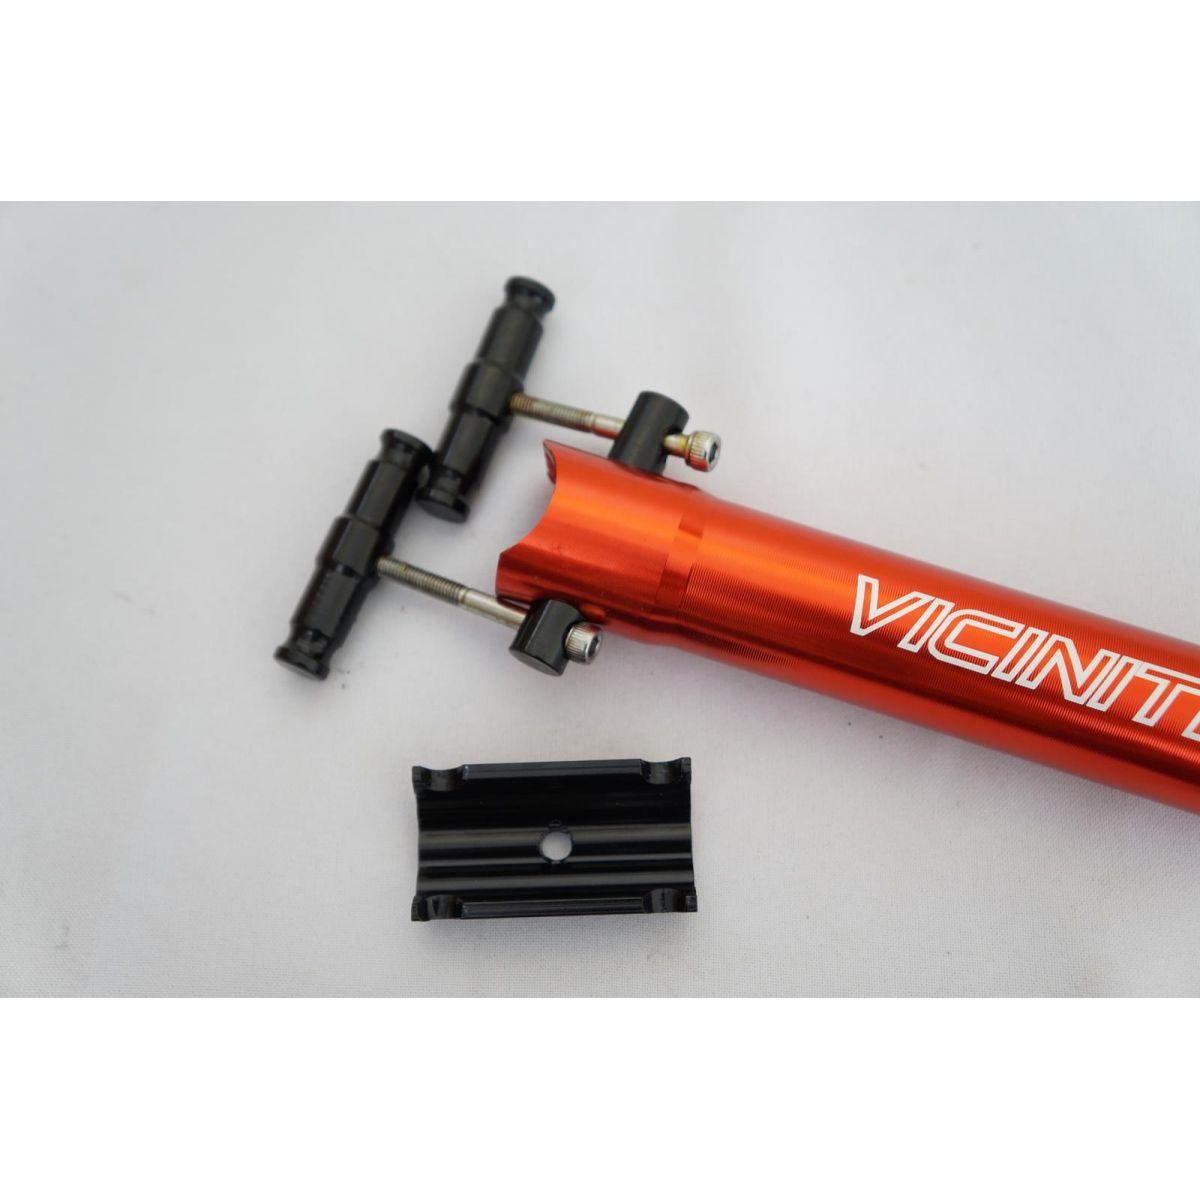 Canote Selim Vicinitech 31.6 400mm com Microajuste cor  Vermelho